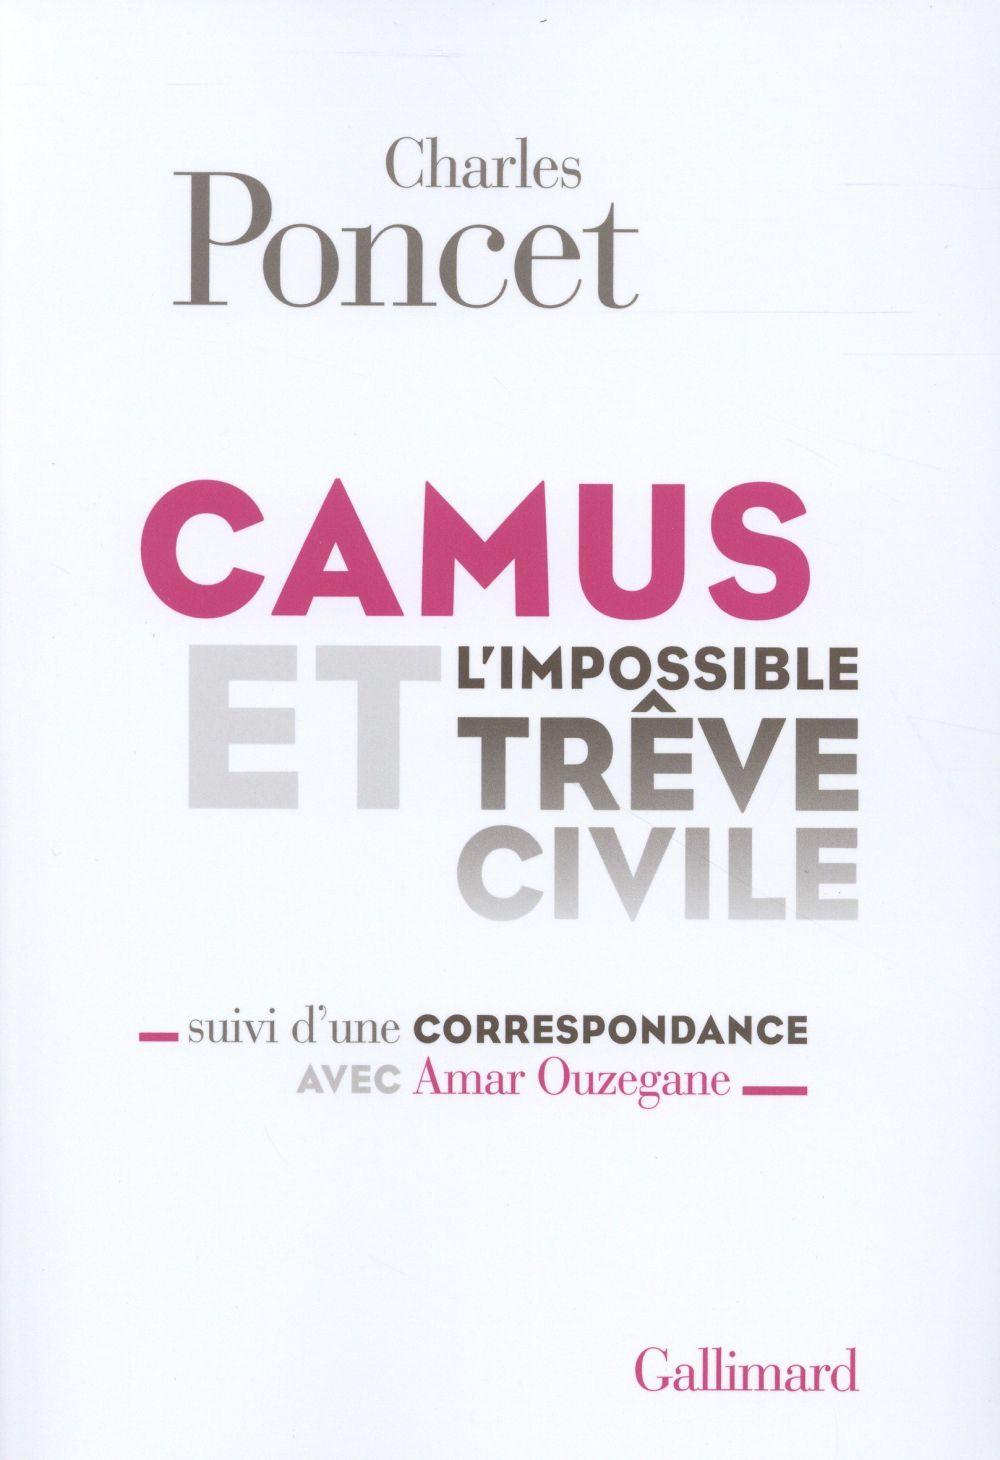 Camus et l'impossible trêve civile